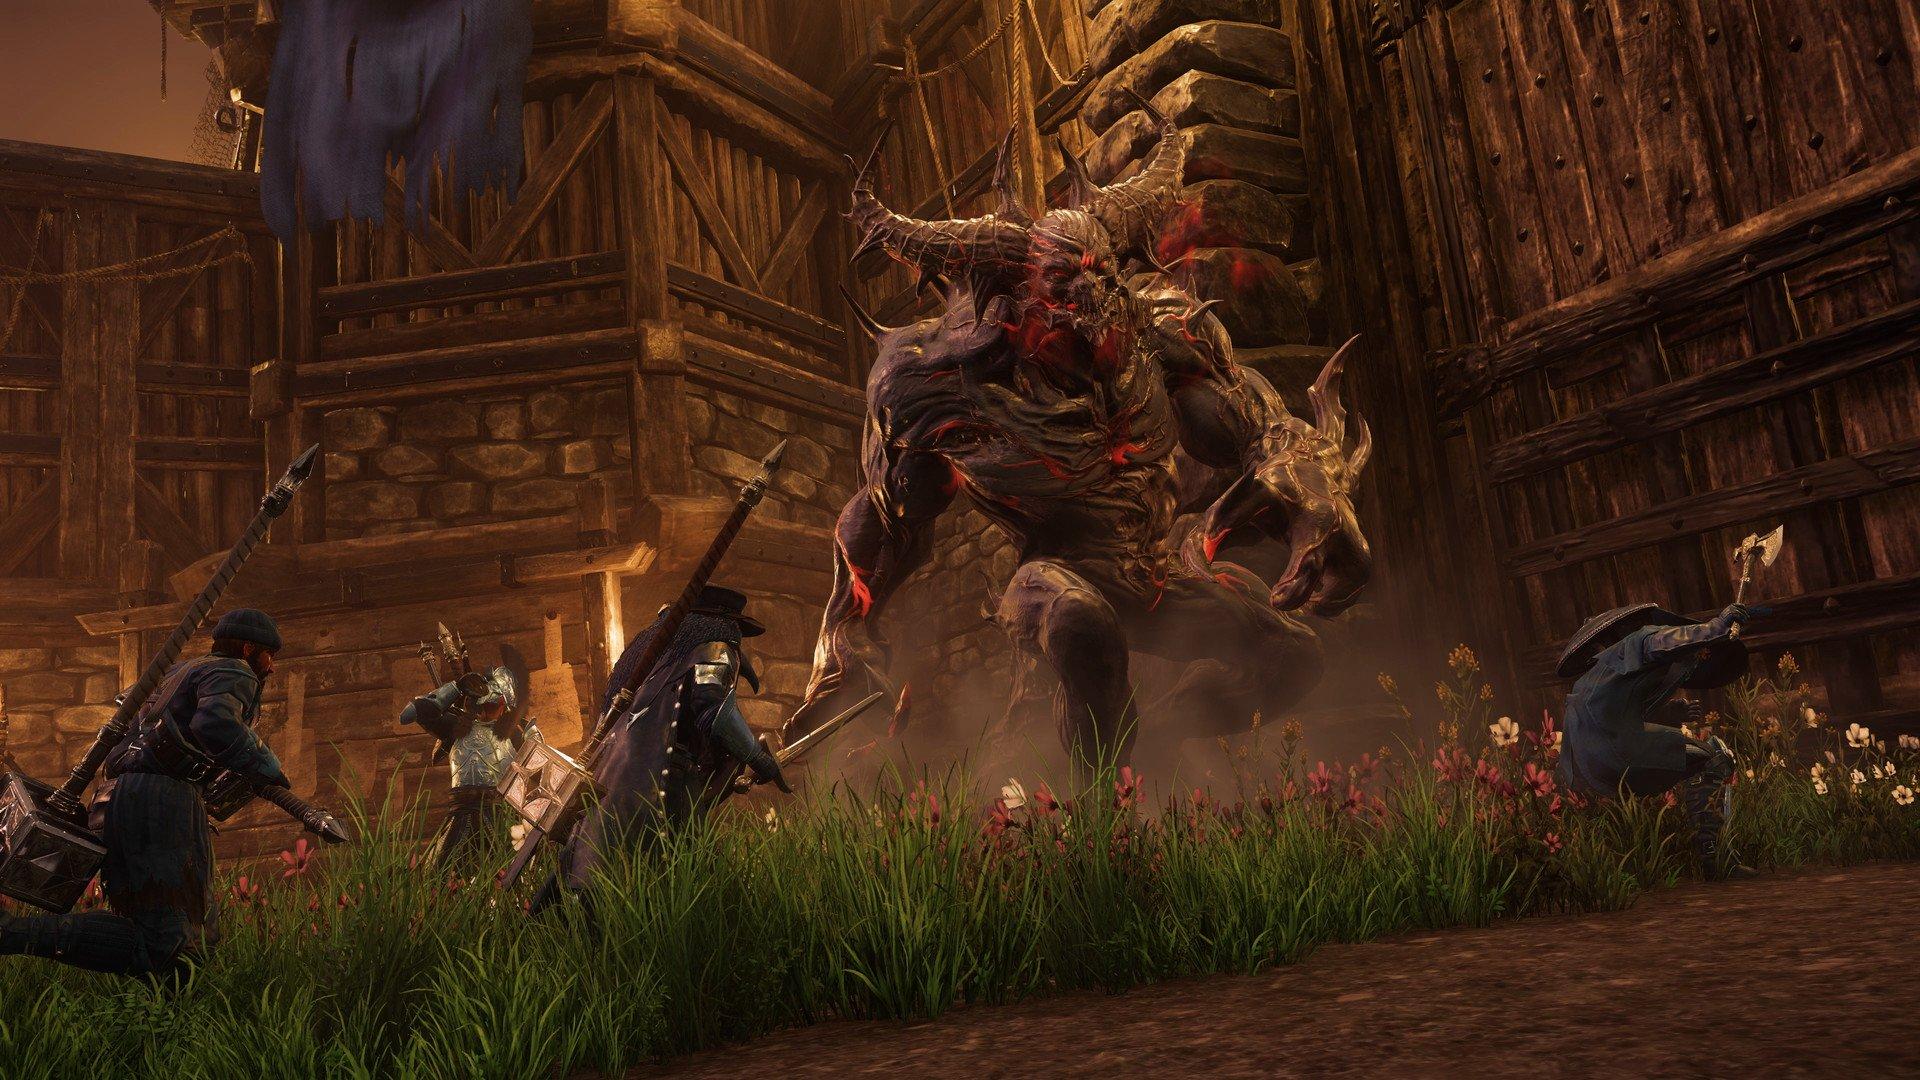 New World - Invasion Demon Creature Screenshot